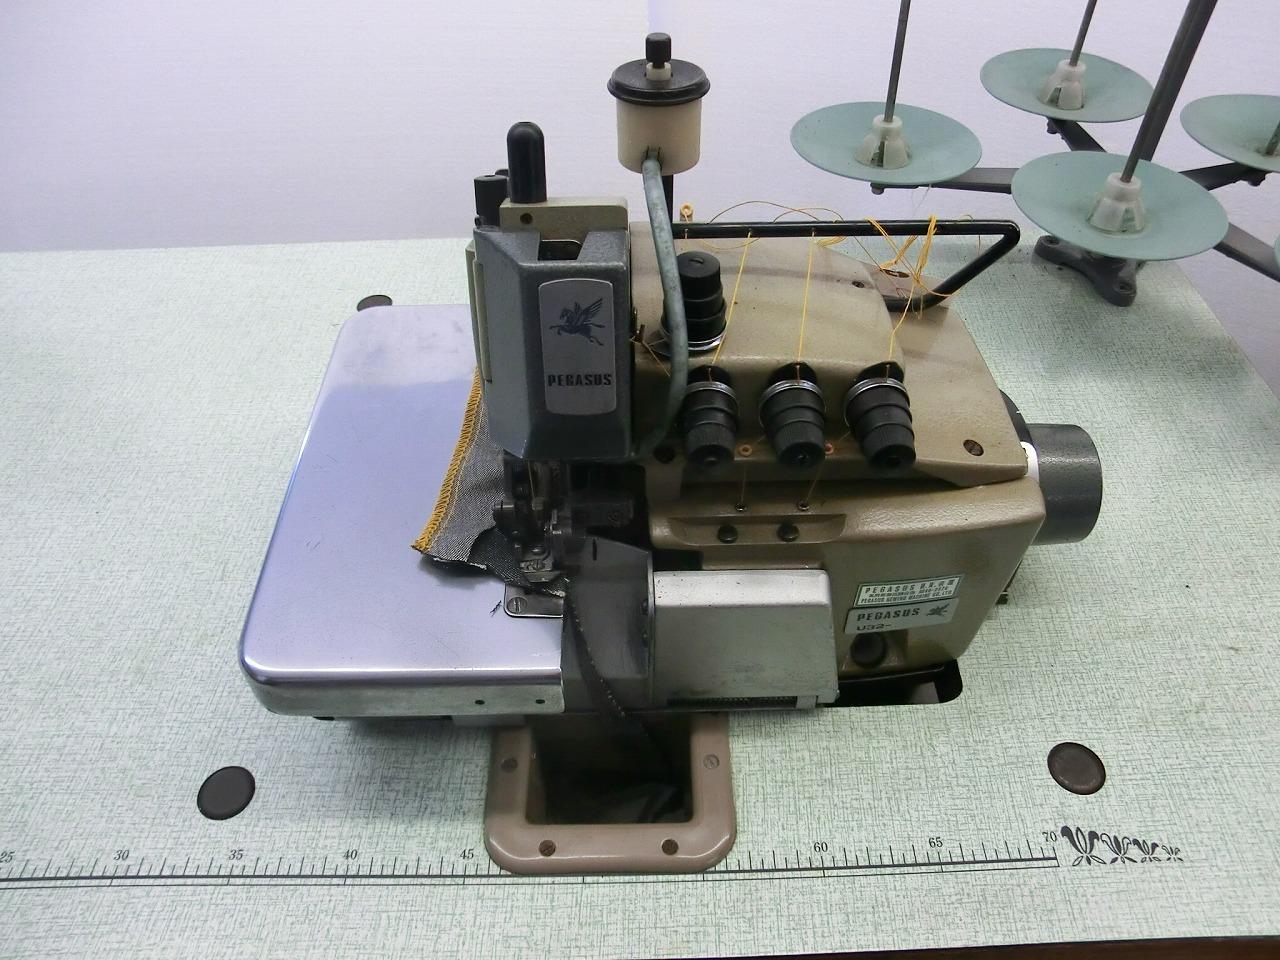 【中古】 ペガサスインターロックミシン 2本針5本糸。モデルNO-U32-38型 頭部のみ テーブル・脚。モーターは別お見積りとなります。